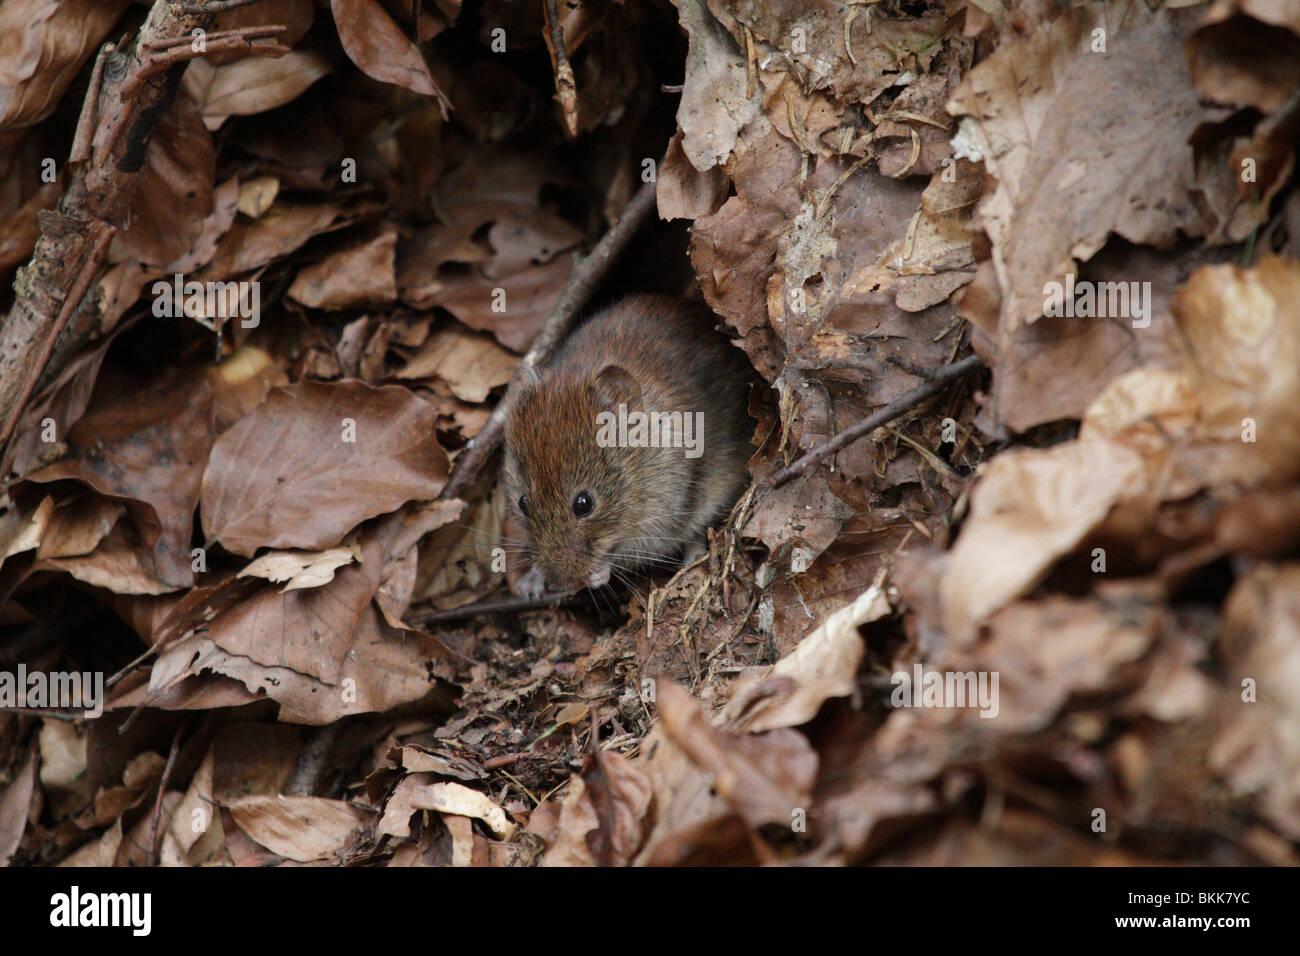 Banco vole ratón (Myodes glareolus) en su hábitat natural. Son (bastante lindo) vectores para el virus Imagen De Stock